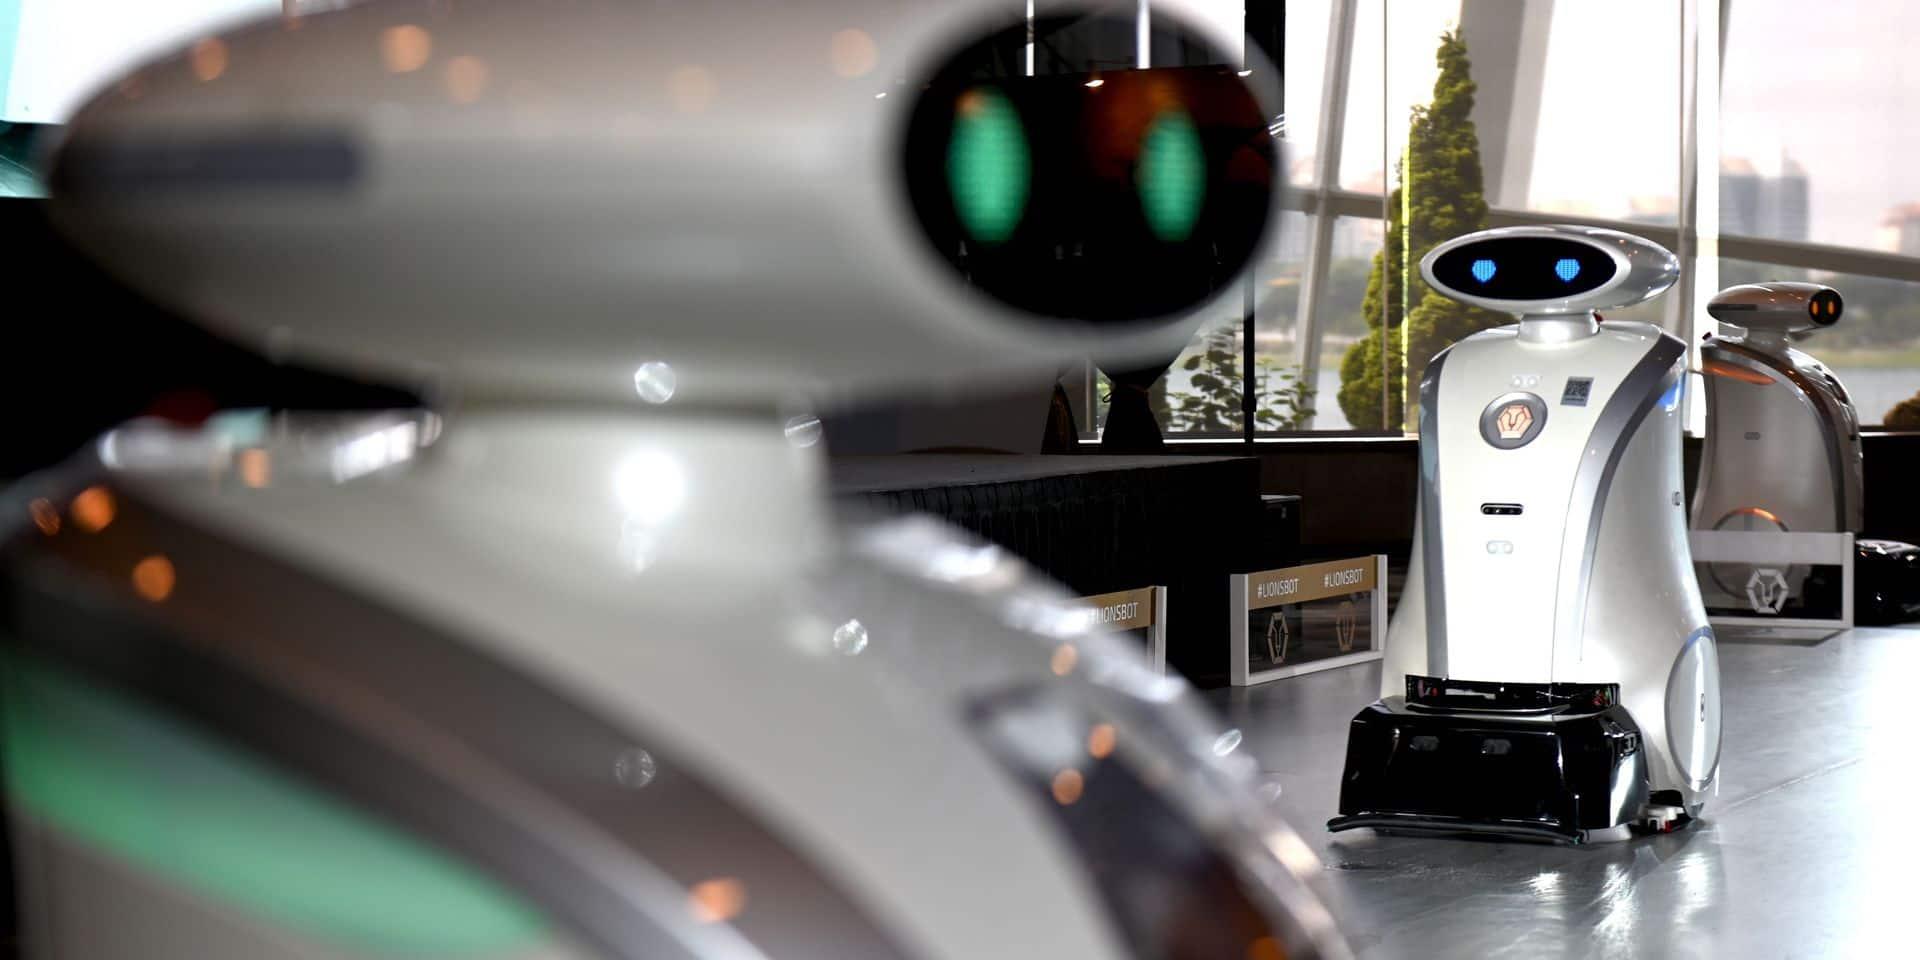 Bientôt des robots qui peuvent se réparer tout seuls?